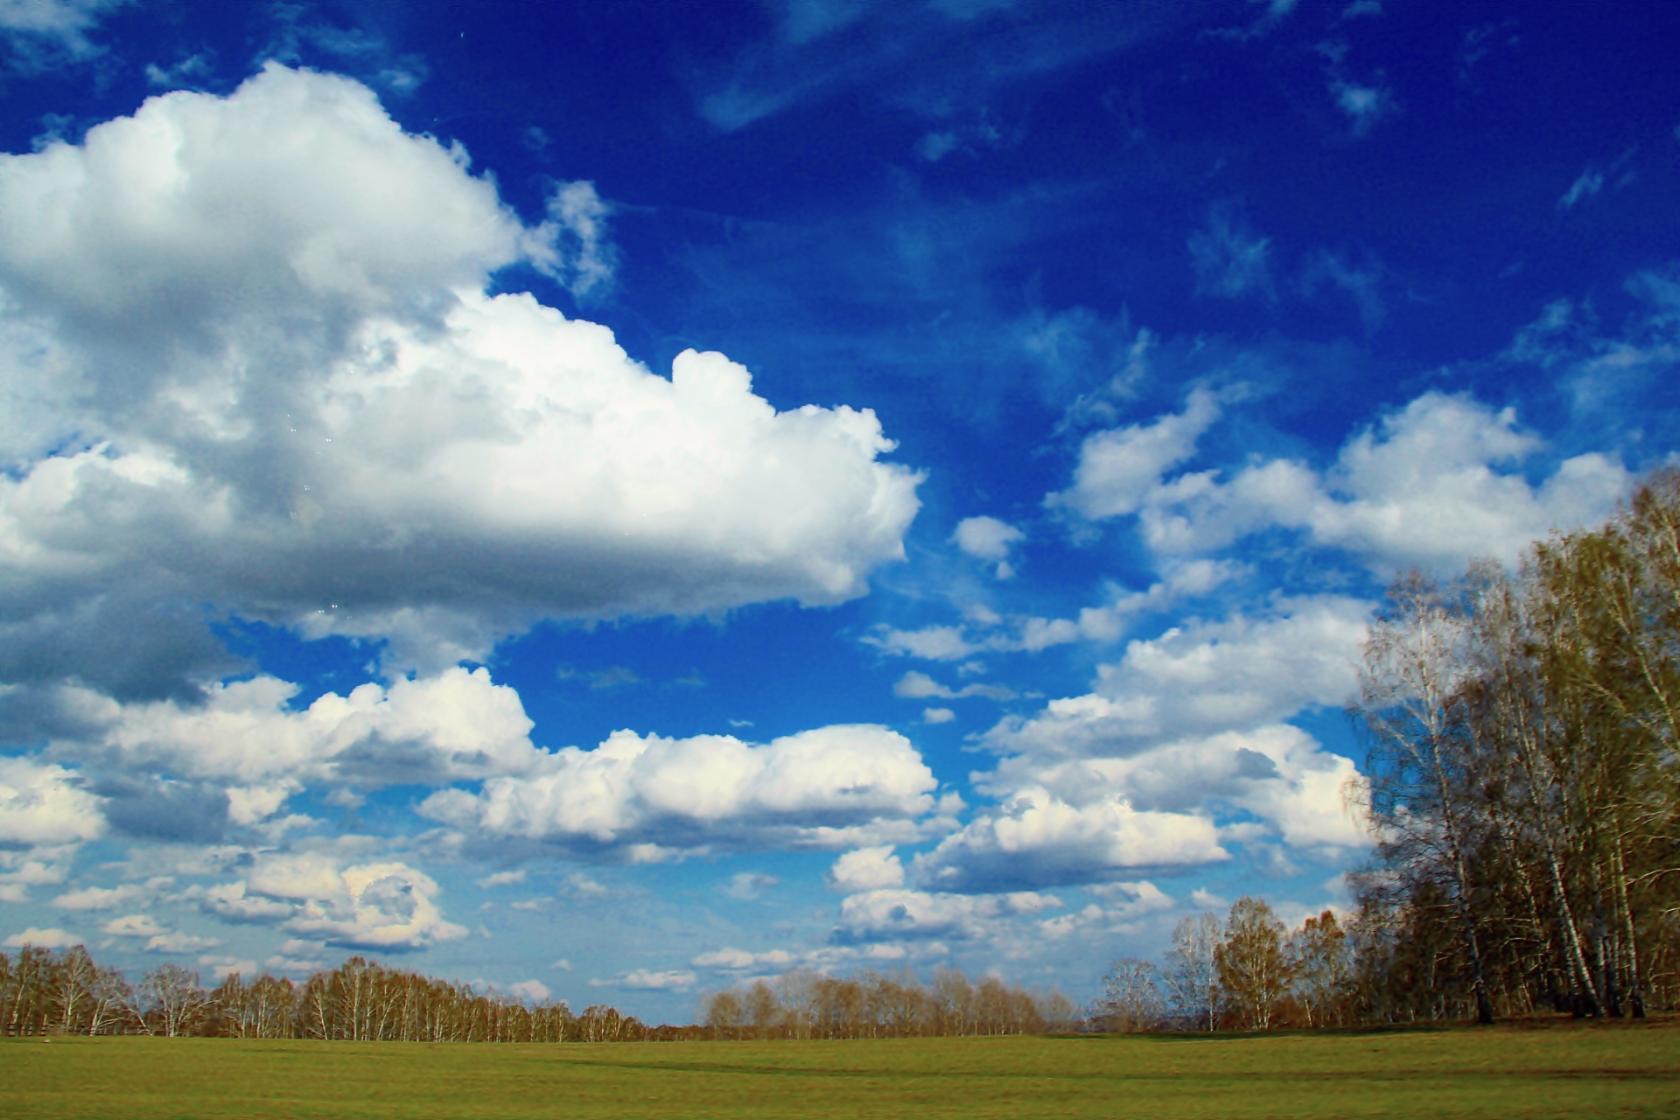 Картинки удивительной красоты неба с кратким описанием